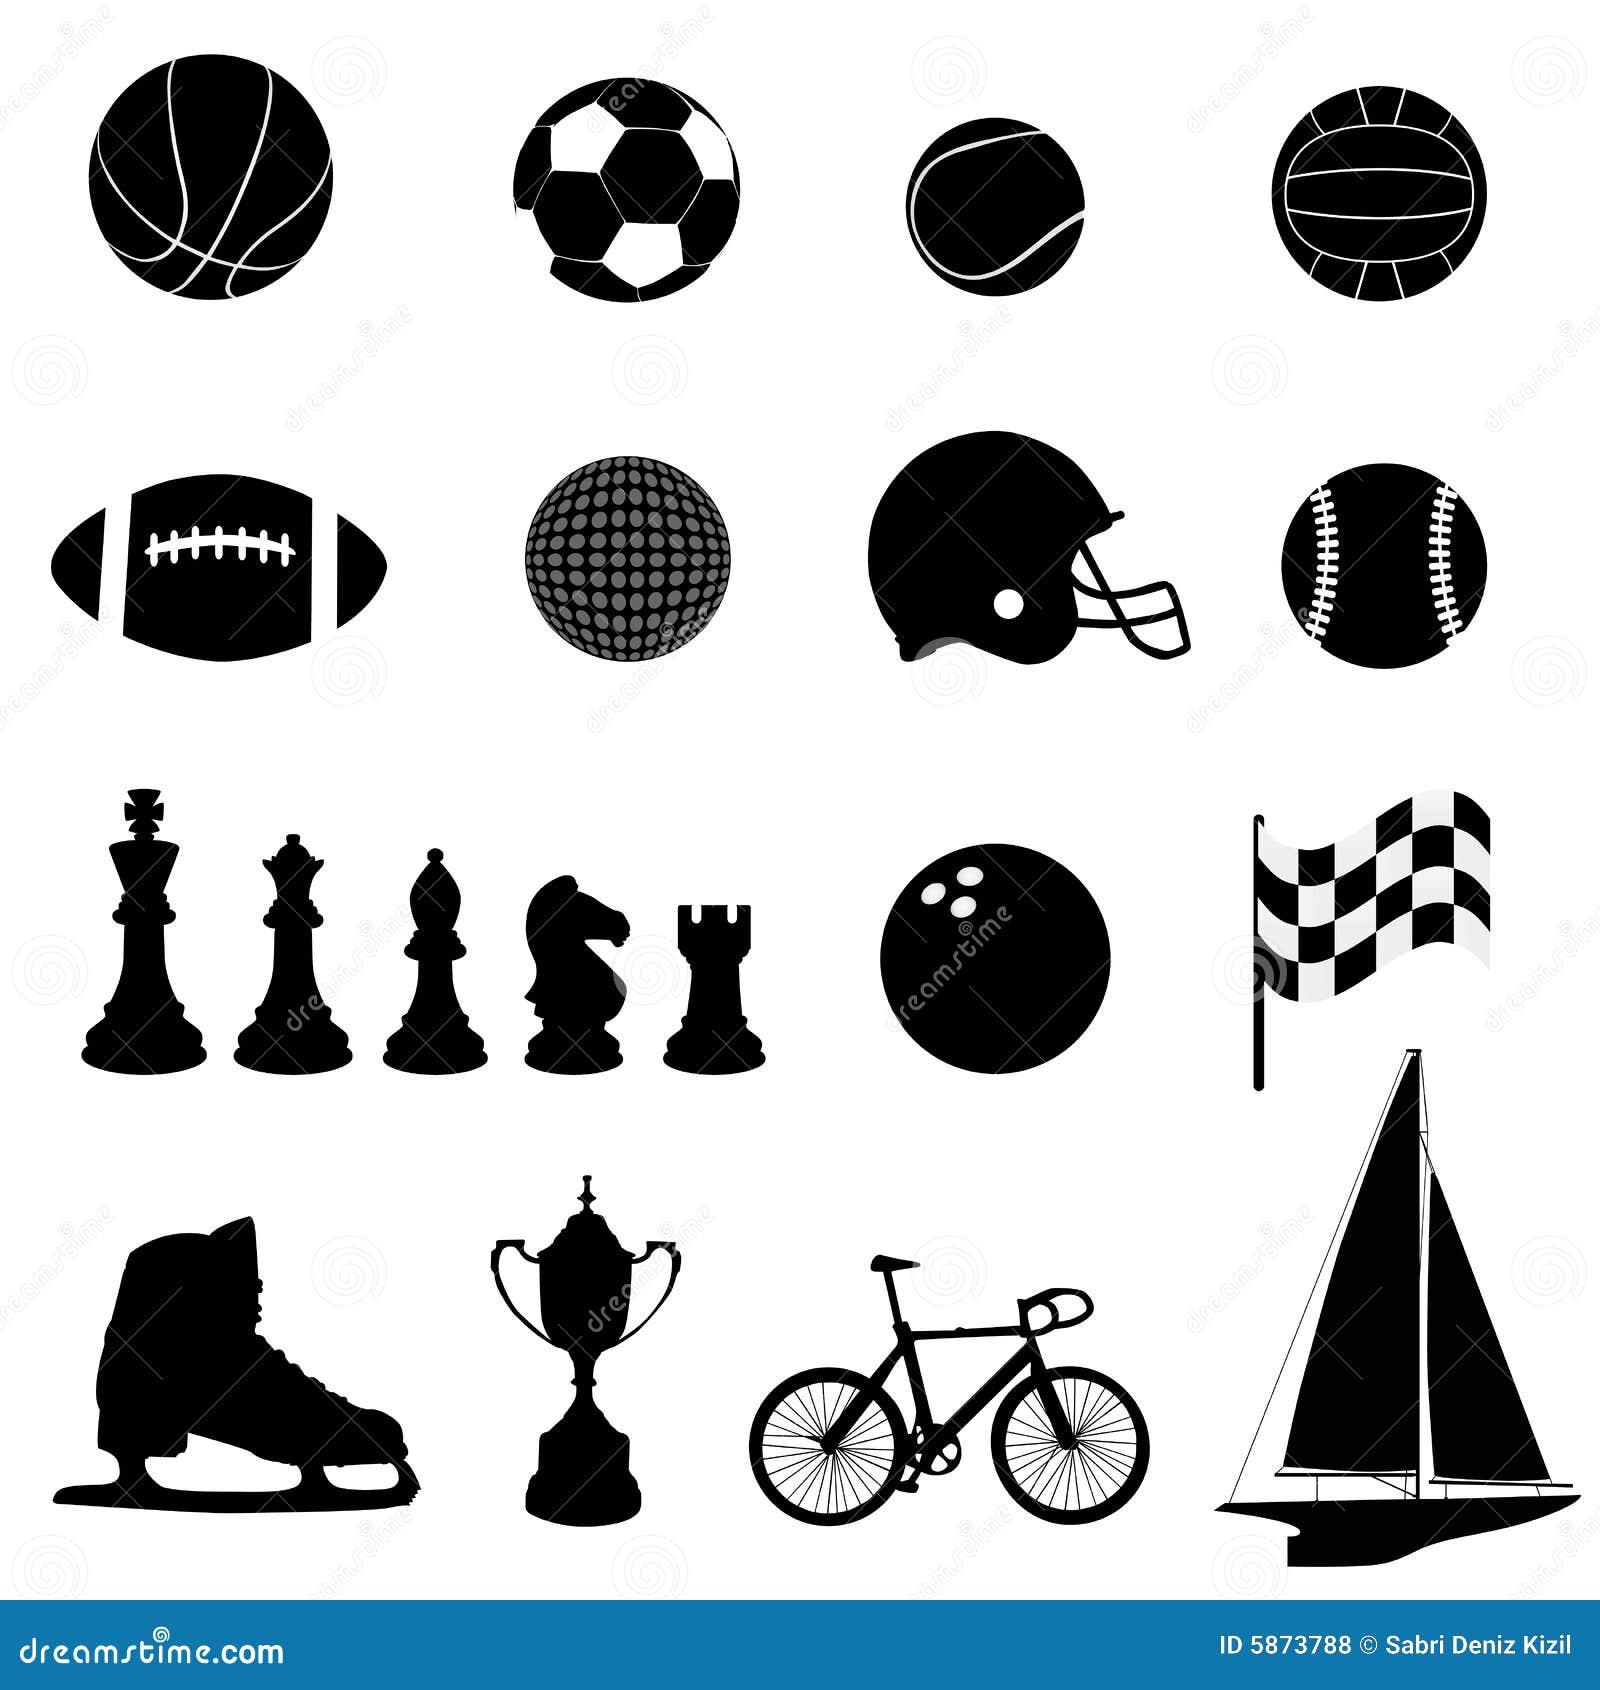 Symbolssportvektor